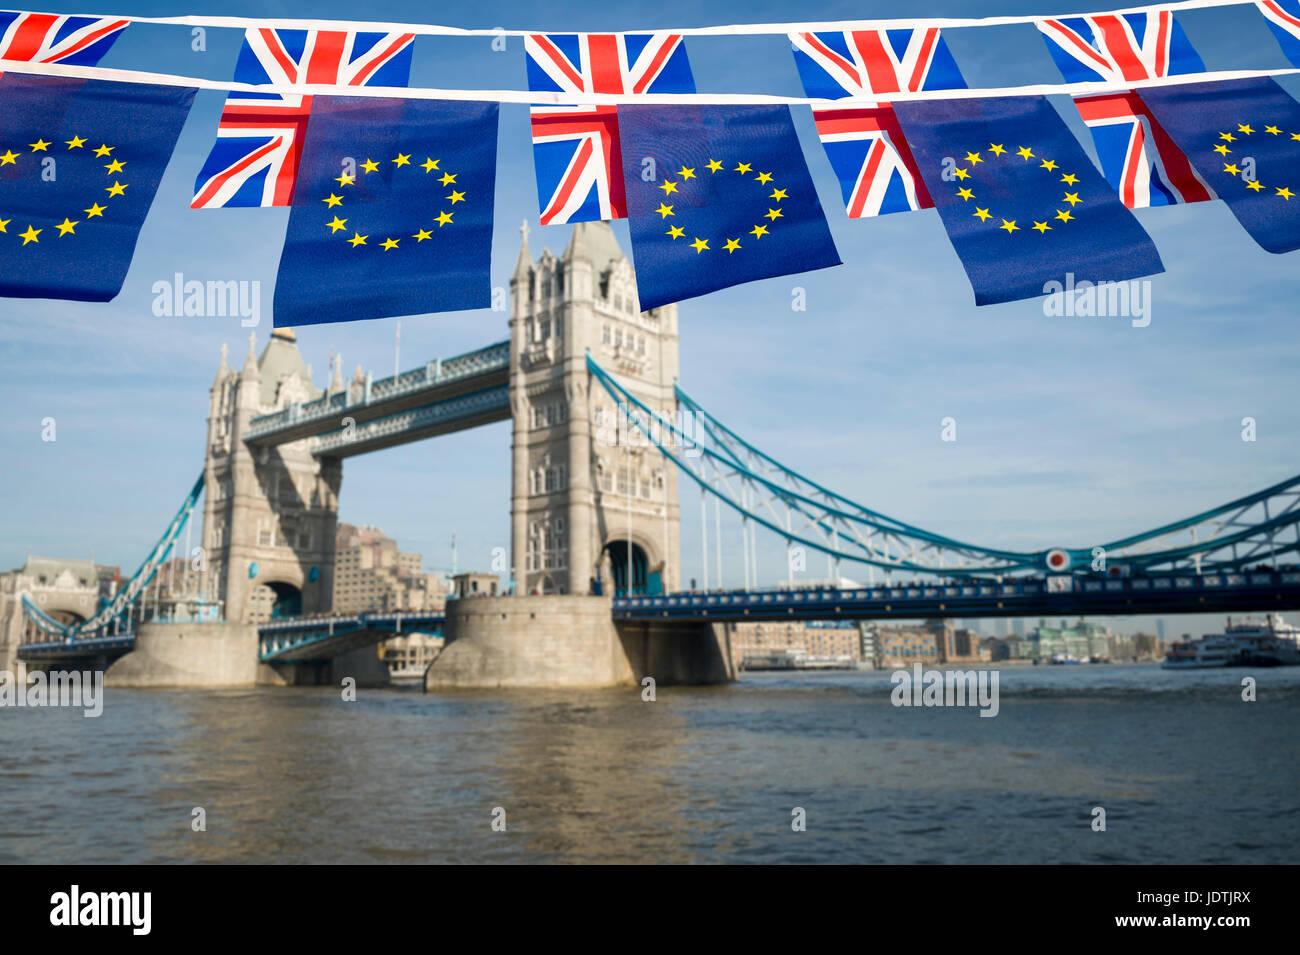 EU und UK Bunting Fahnen vor London, England-Skyline über der Themse an der Tower Bridge Stockbild